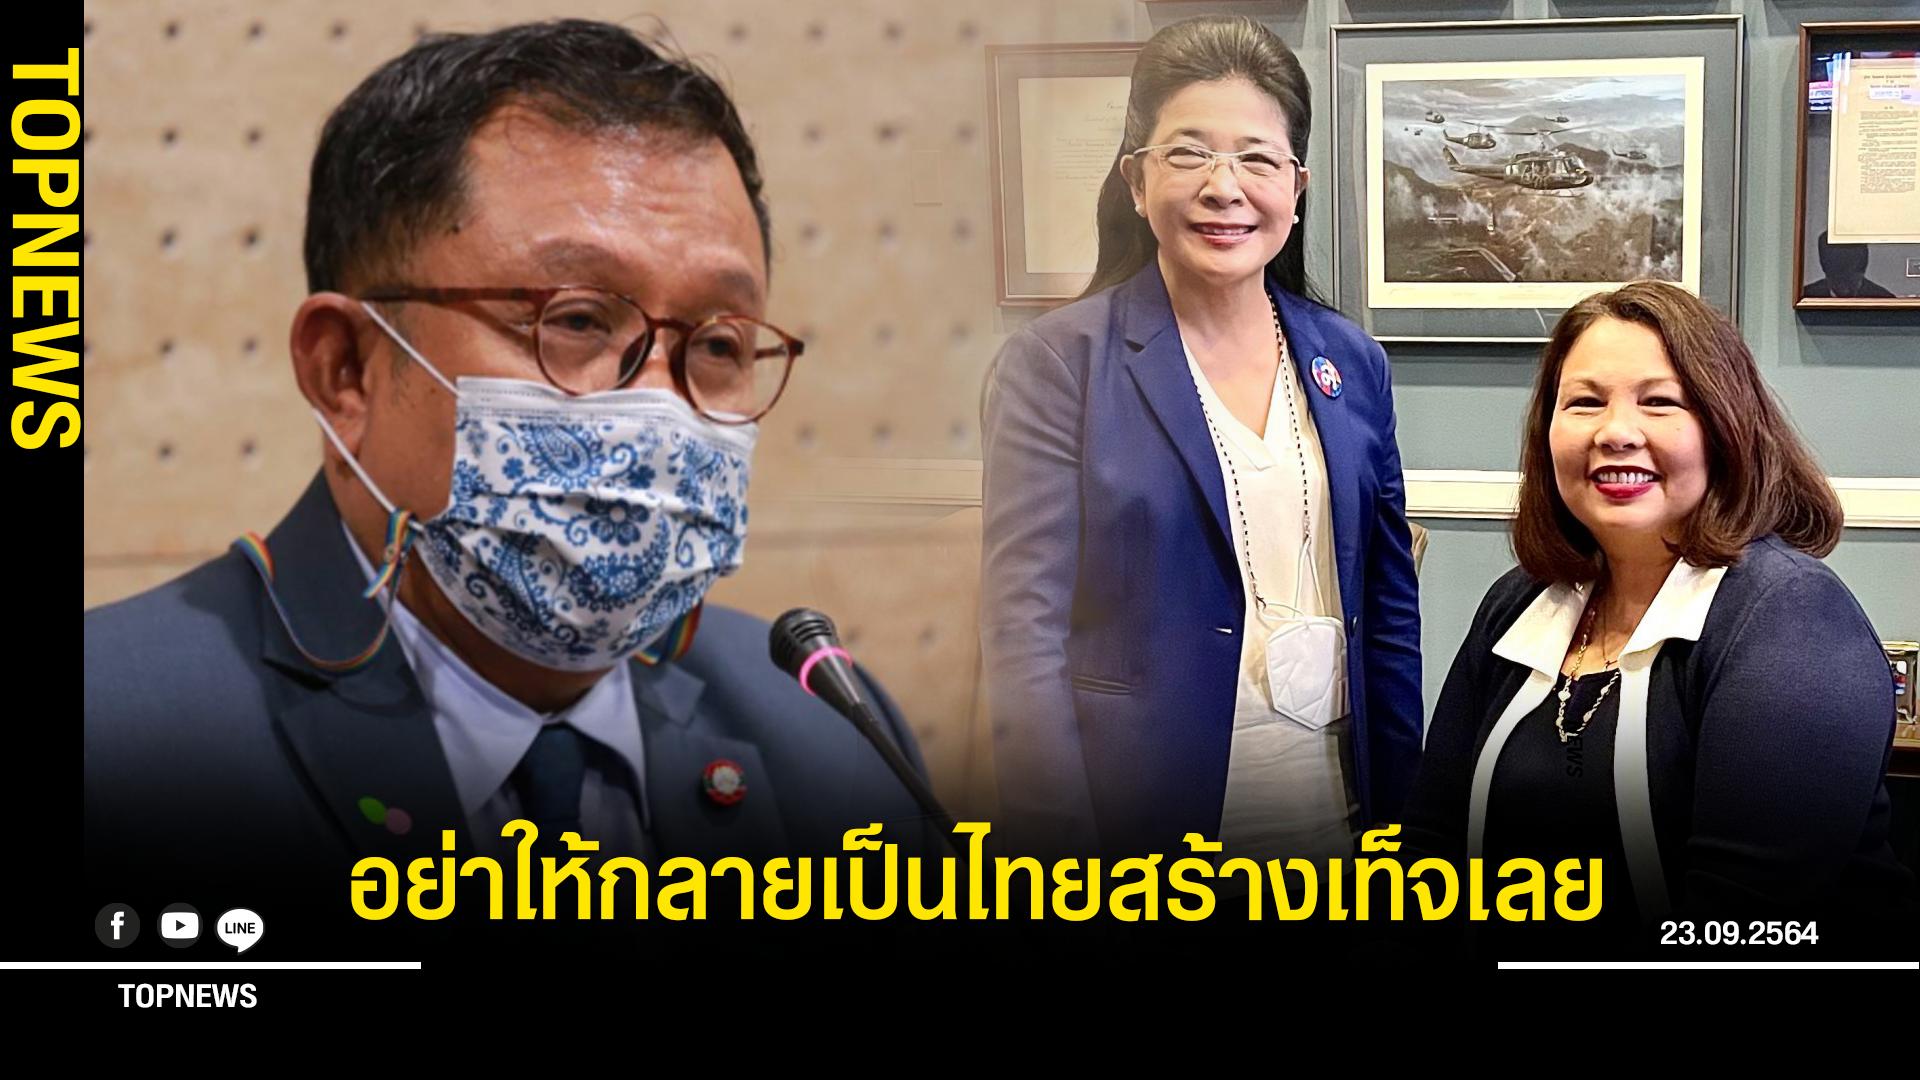 """""""ศุภชัย""""อัด""""หญิงหน่อย""""อย่าวนลูปทำงานแบบเดิมๆ ปล่อยข่าวไทยไม่รับวัคซีนอเมริกา"""